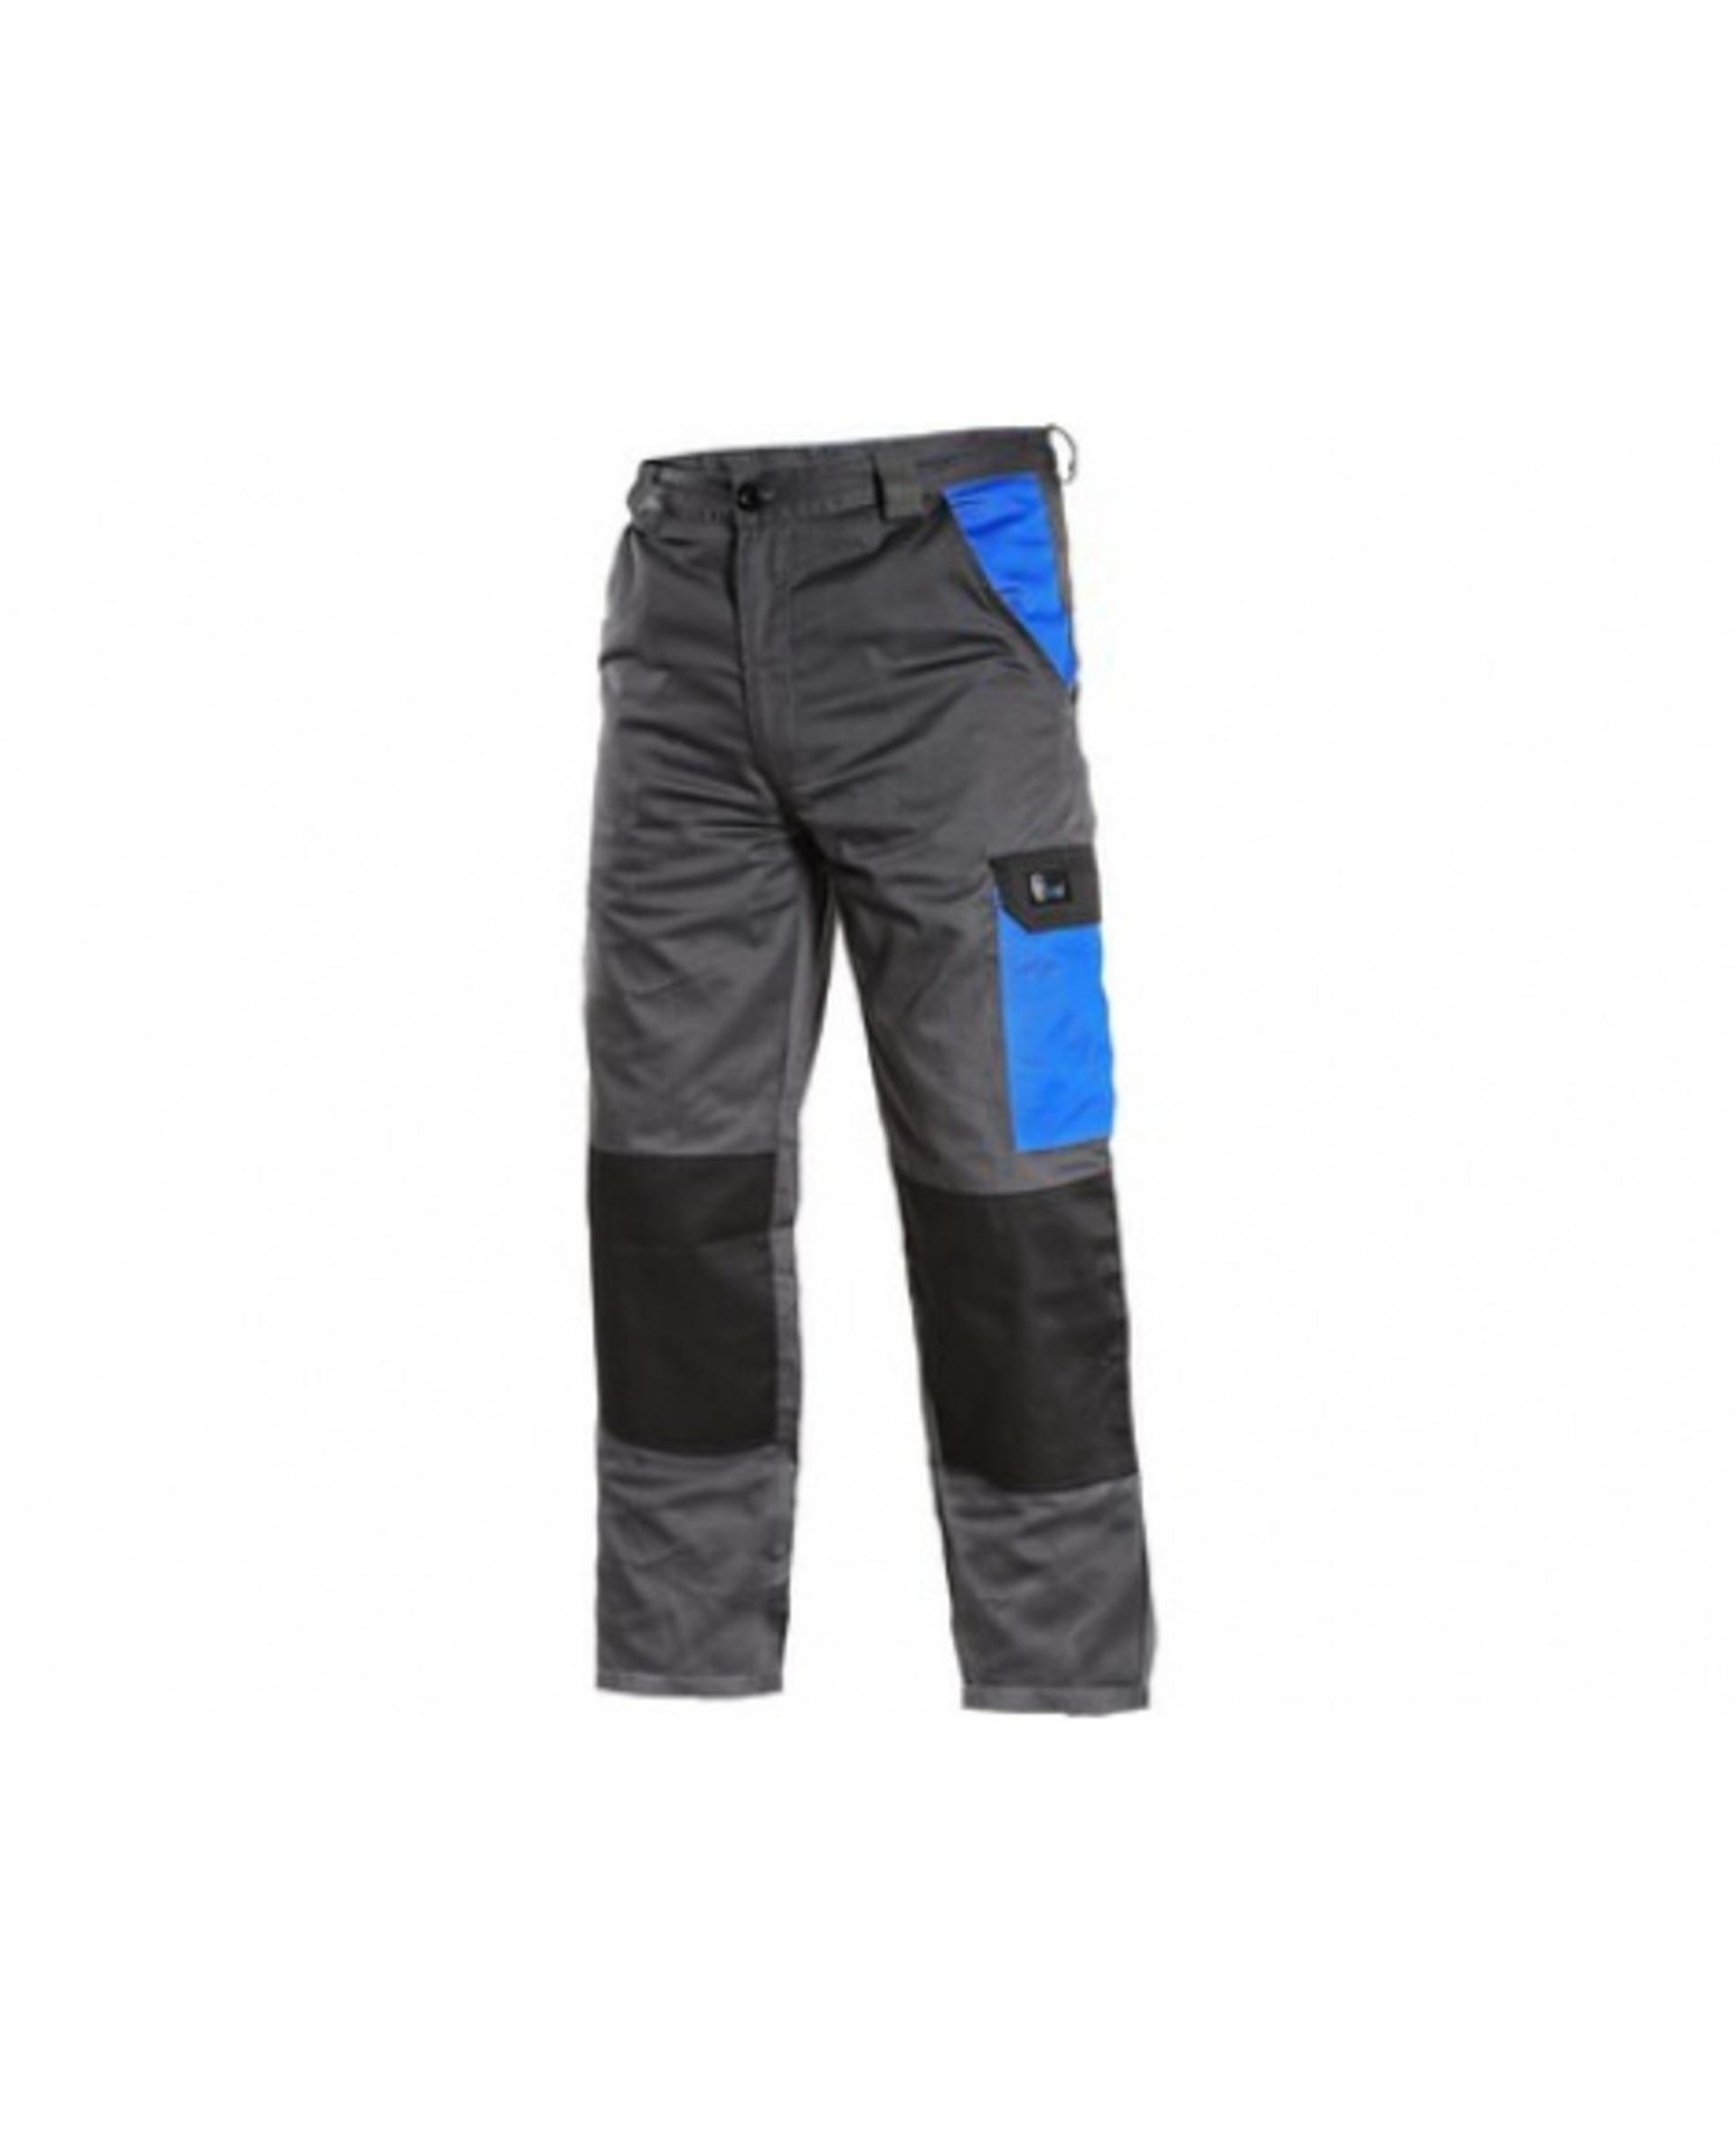 CXS PHOENIX CEFEUS pánské Kalhoty pracovní do pasu šedá/modrá 48